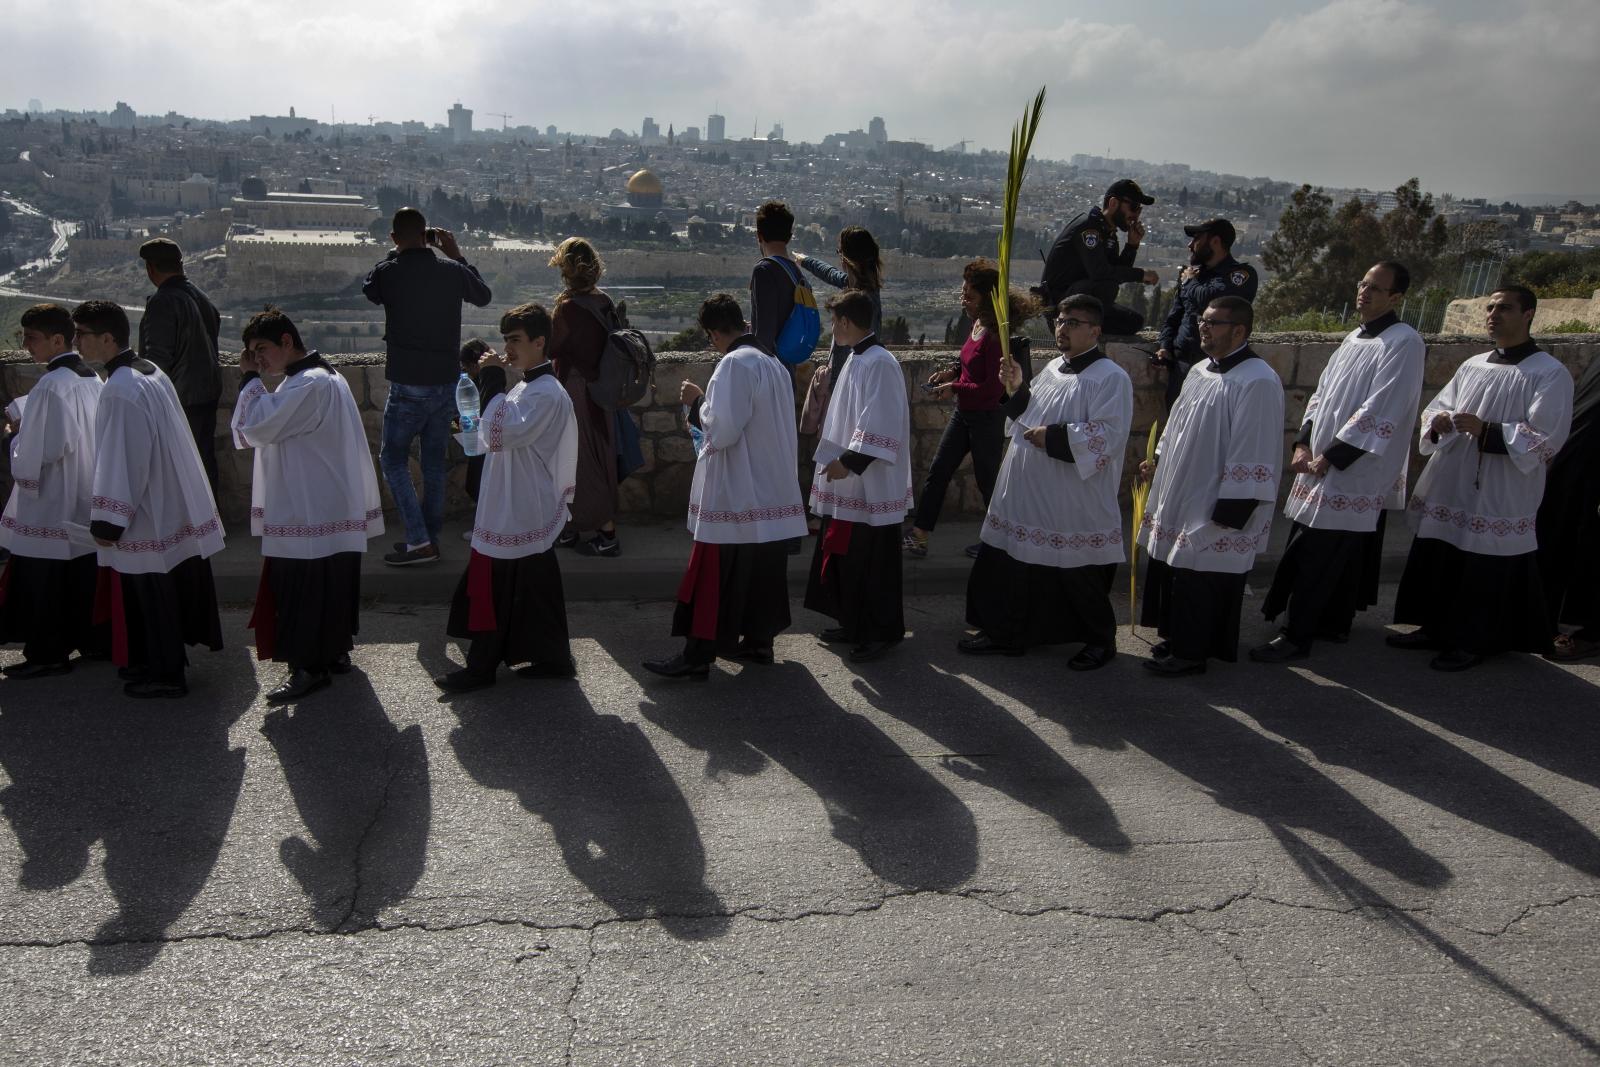 Niedziela Palmowa w Jeruzalem/EPA/JIM HOLLANDER